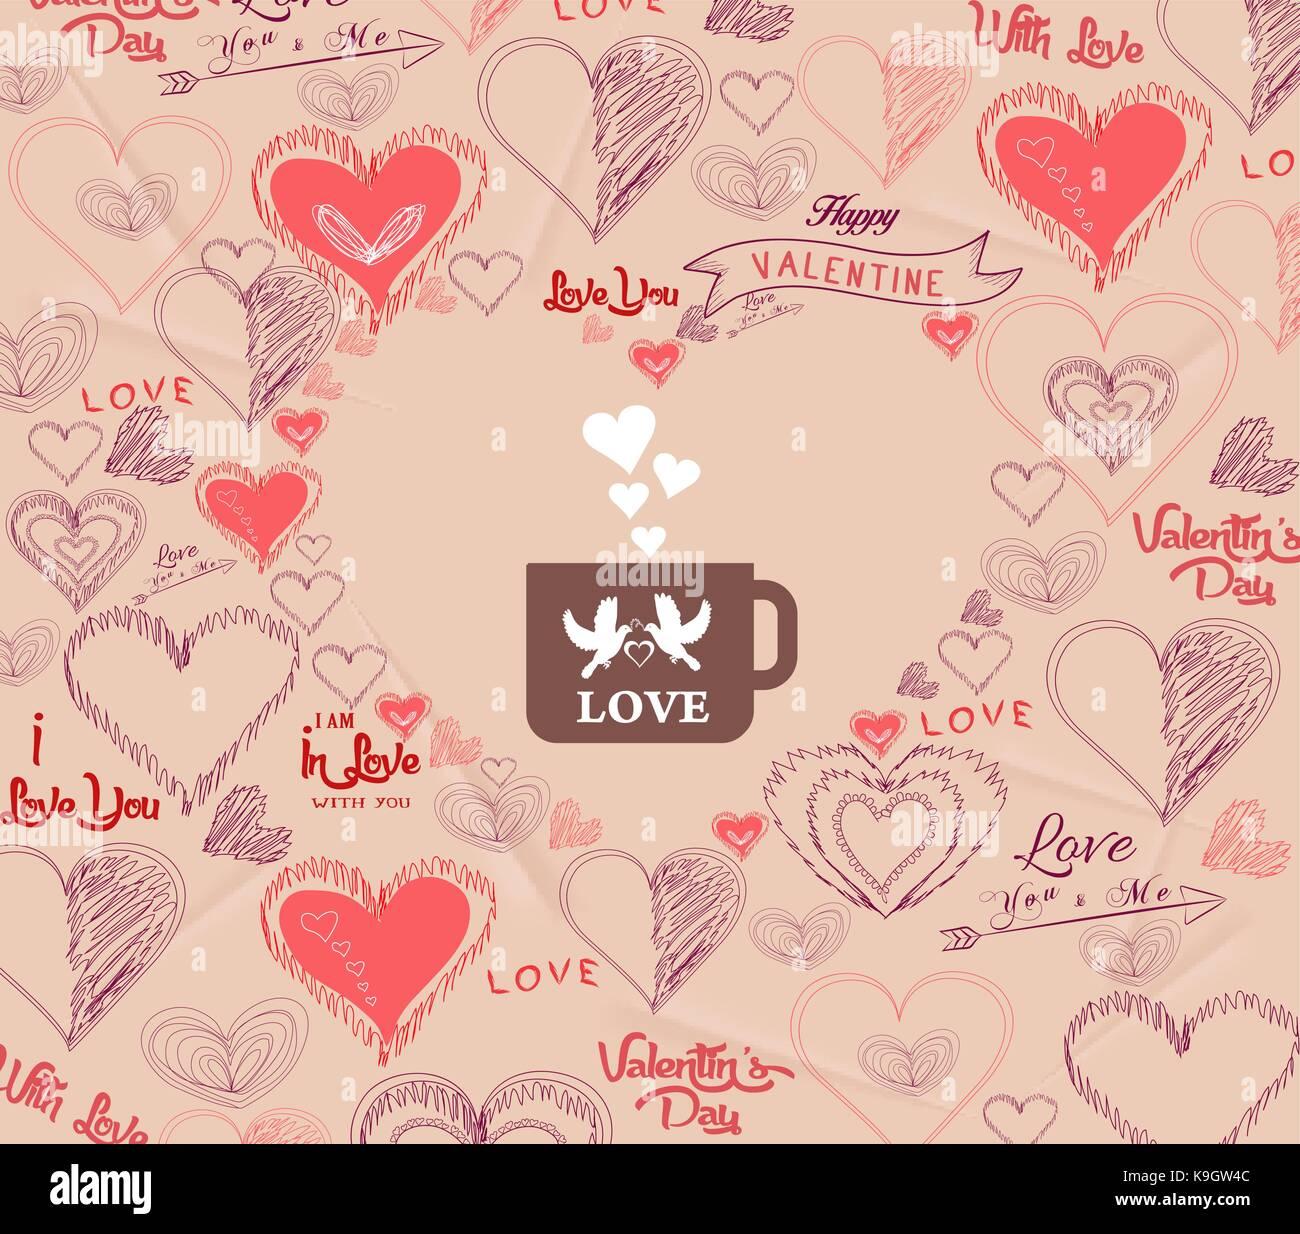 Hochzeit Einladung Karte Fur Den Valentinstag Mit Vogel Paar In